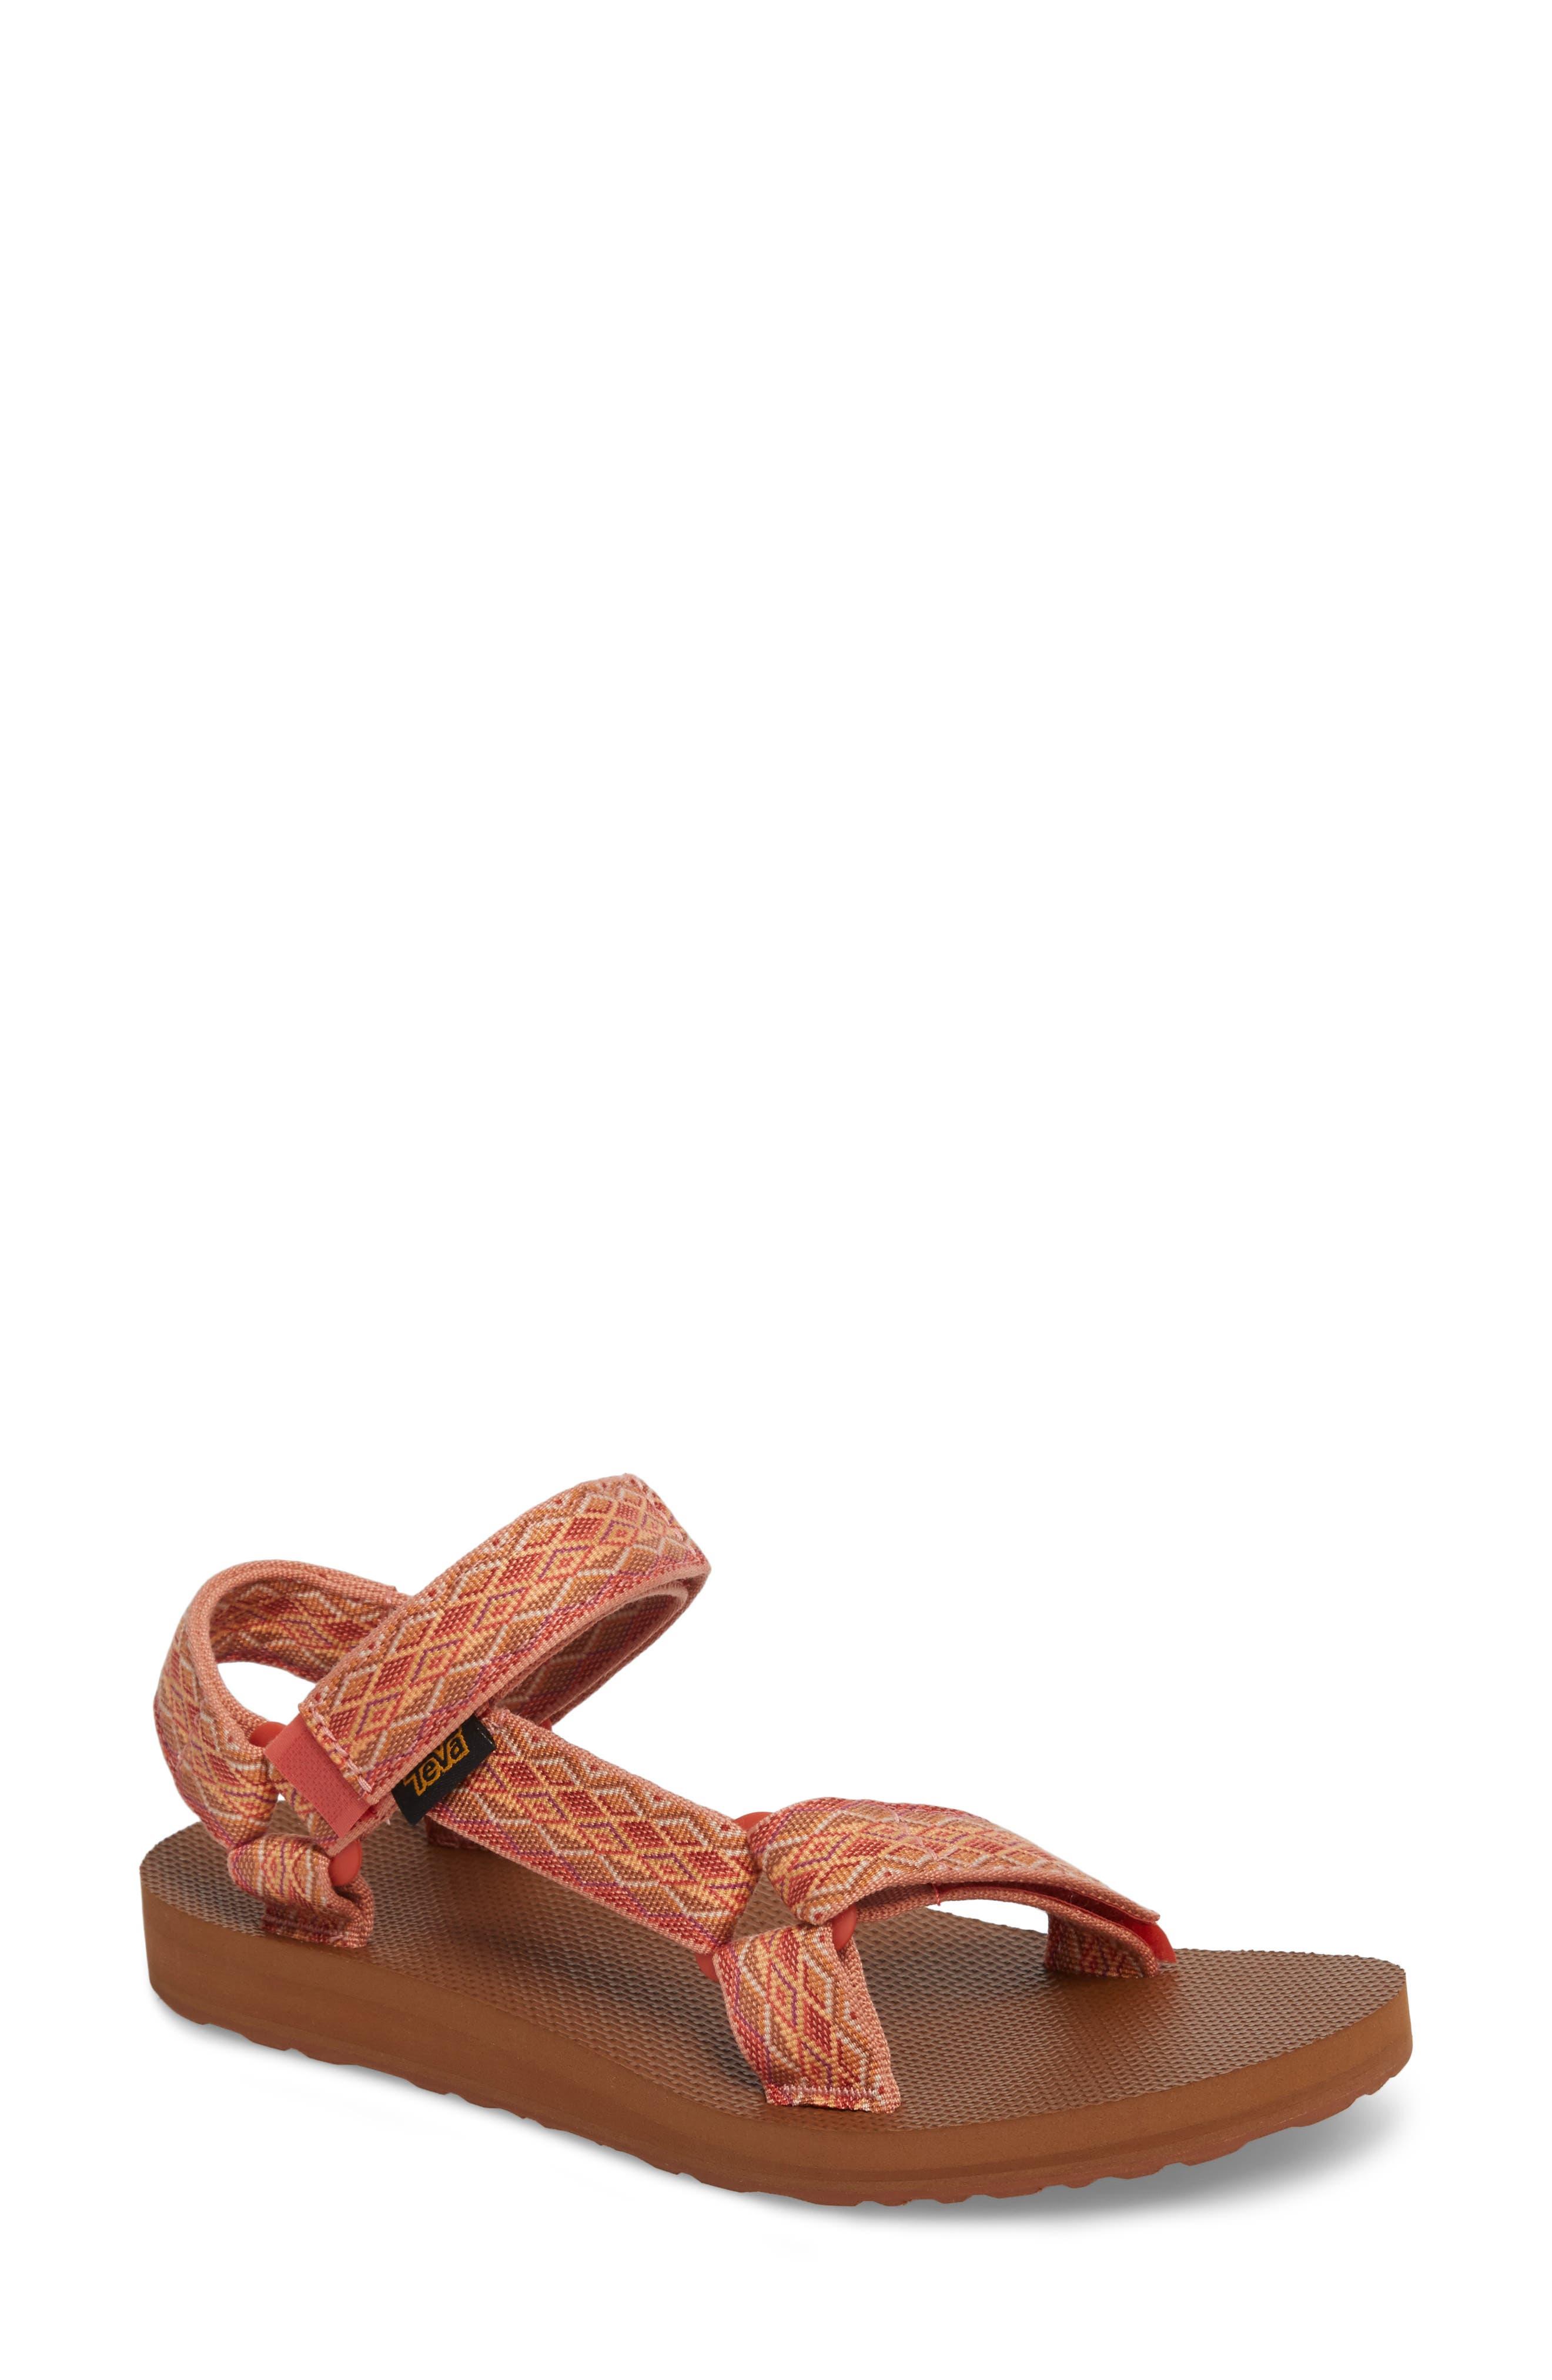 'Original Universal' Sandal,                         Main,                         color, Mirimar Fade Coral Sand